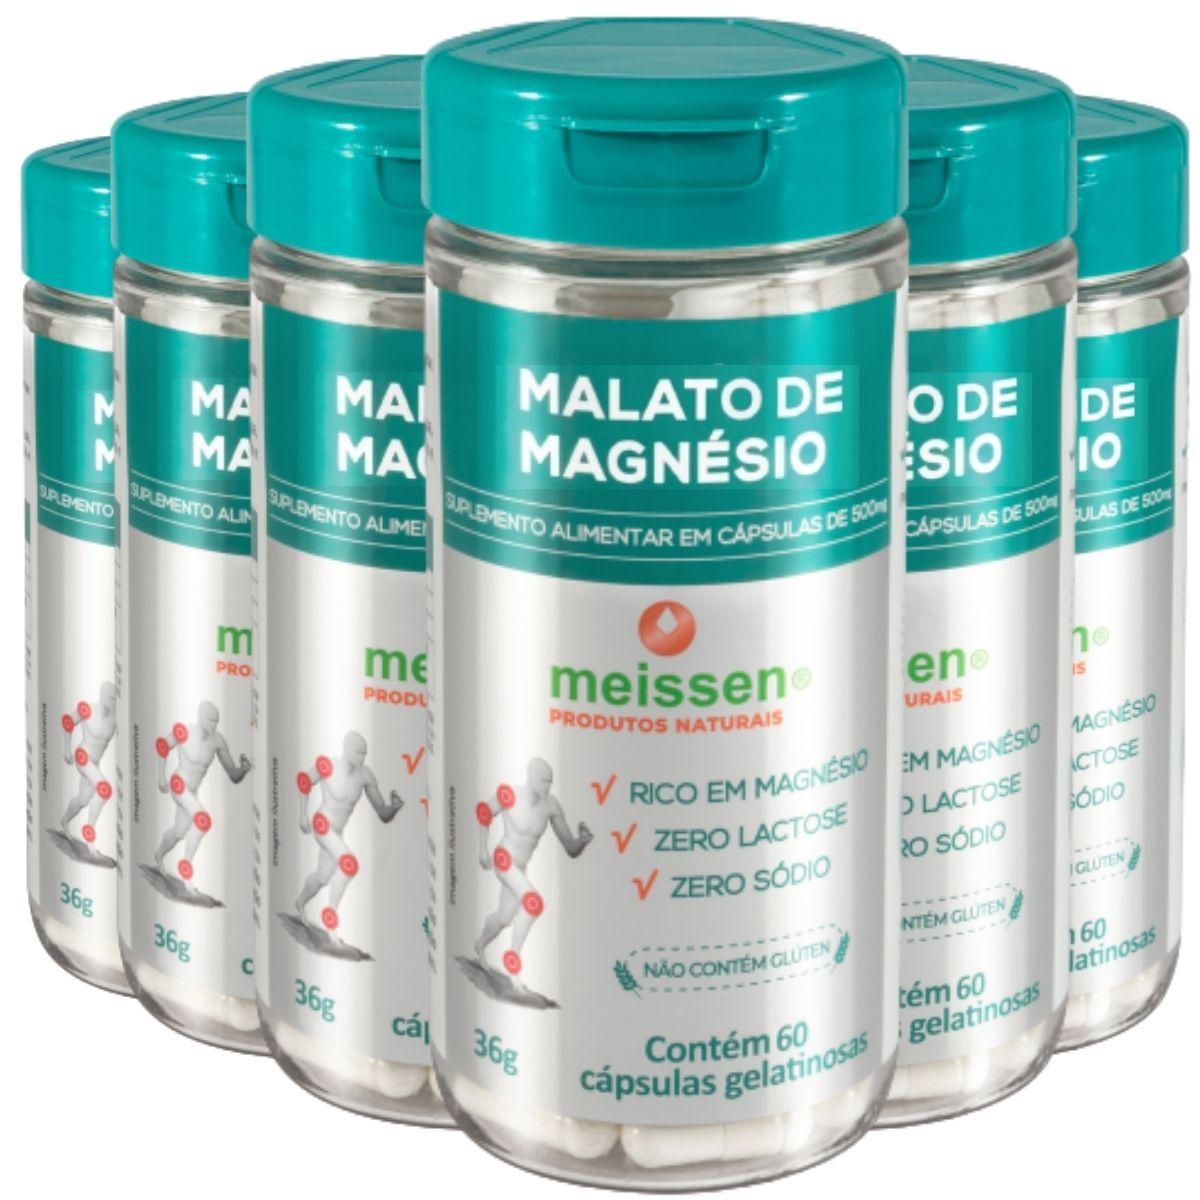 Kit 6 Magnésio De Malato Meissen - 360 Cápsulas Total